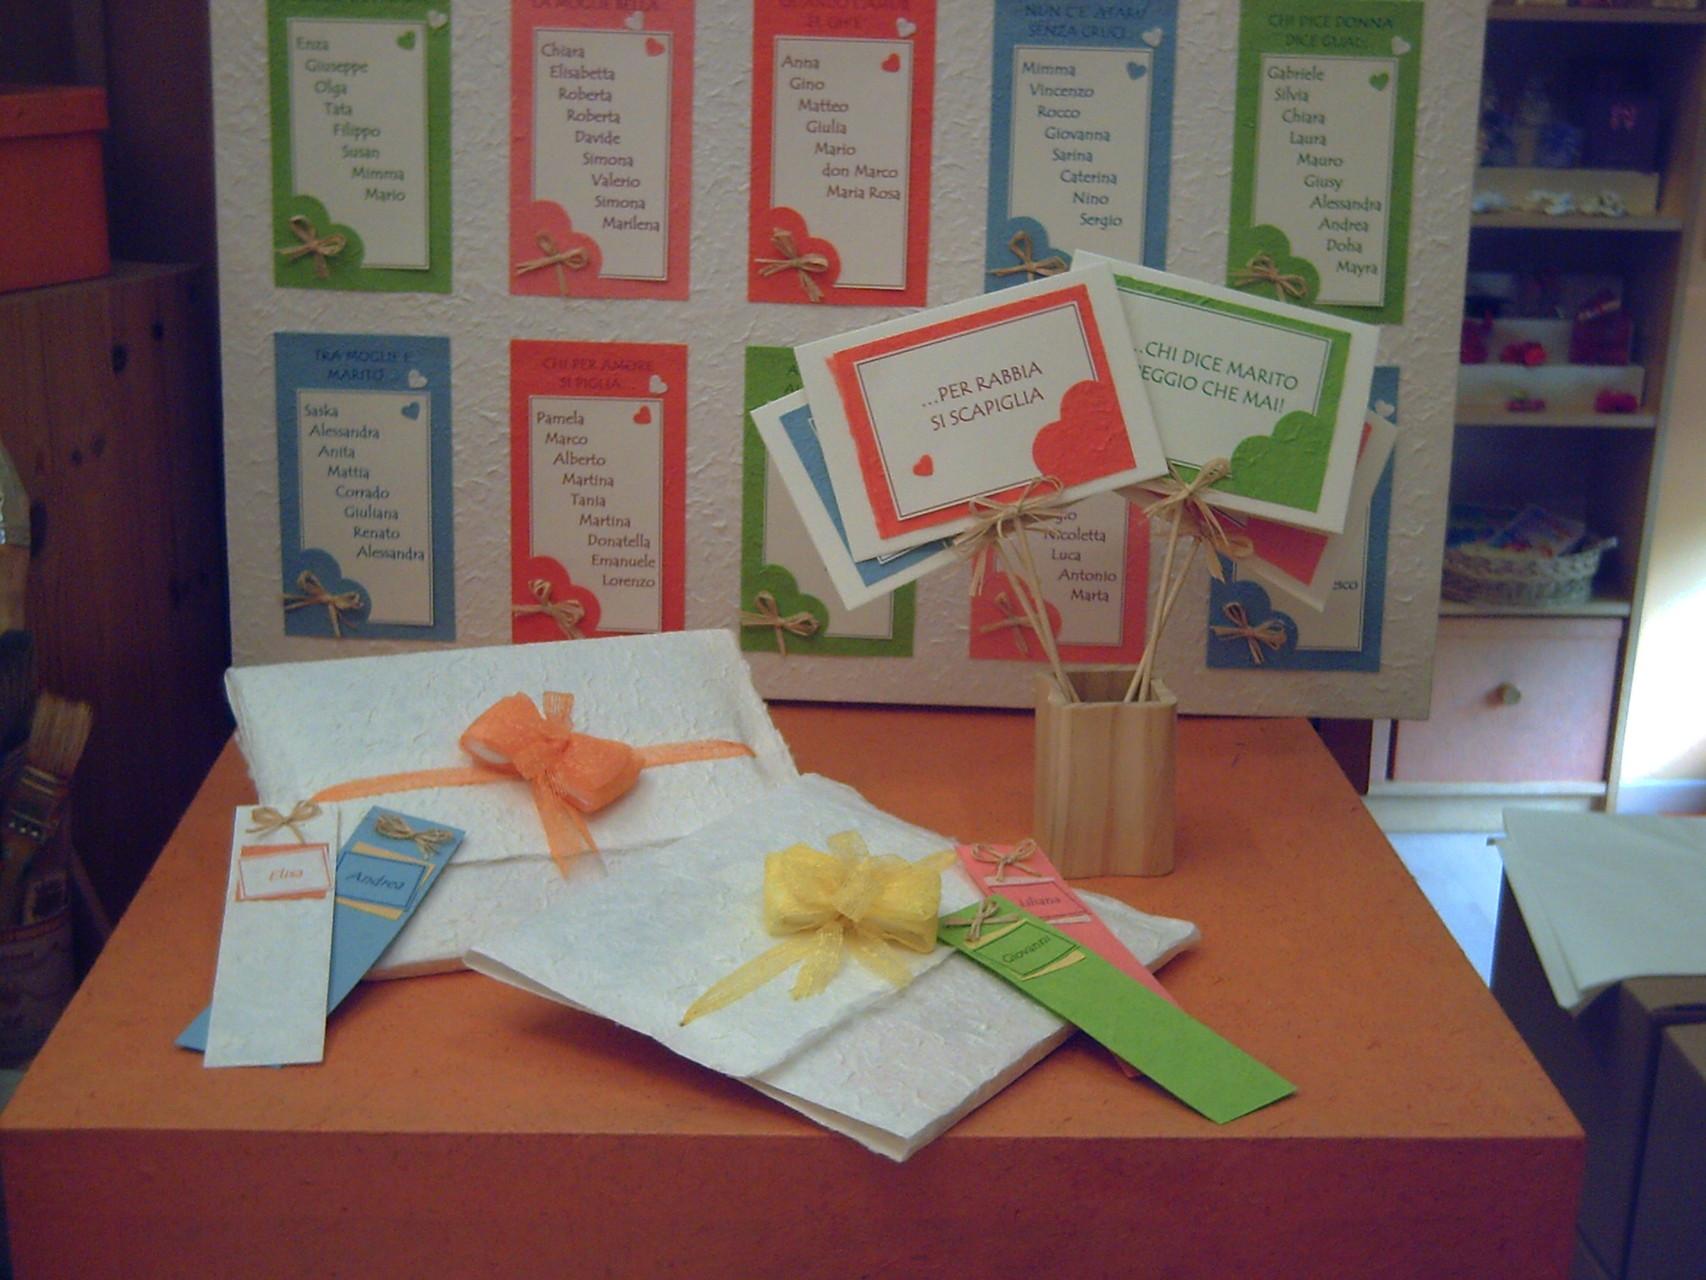 In primo piano i cartelli per i tavoli, alcuni segnalibri usati come segnaposto e la confezione della bomboniera che in questo caso è un libro